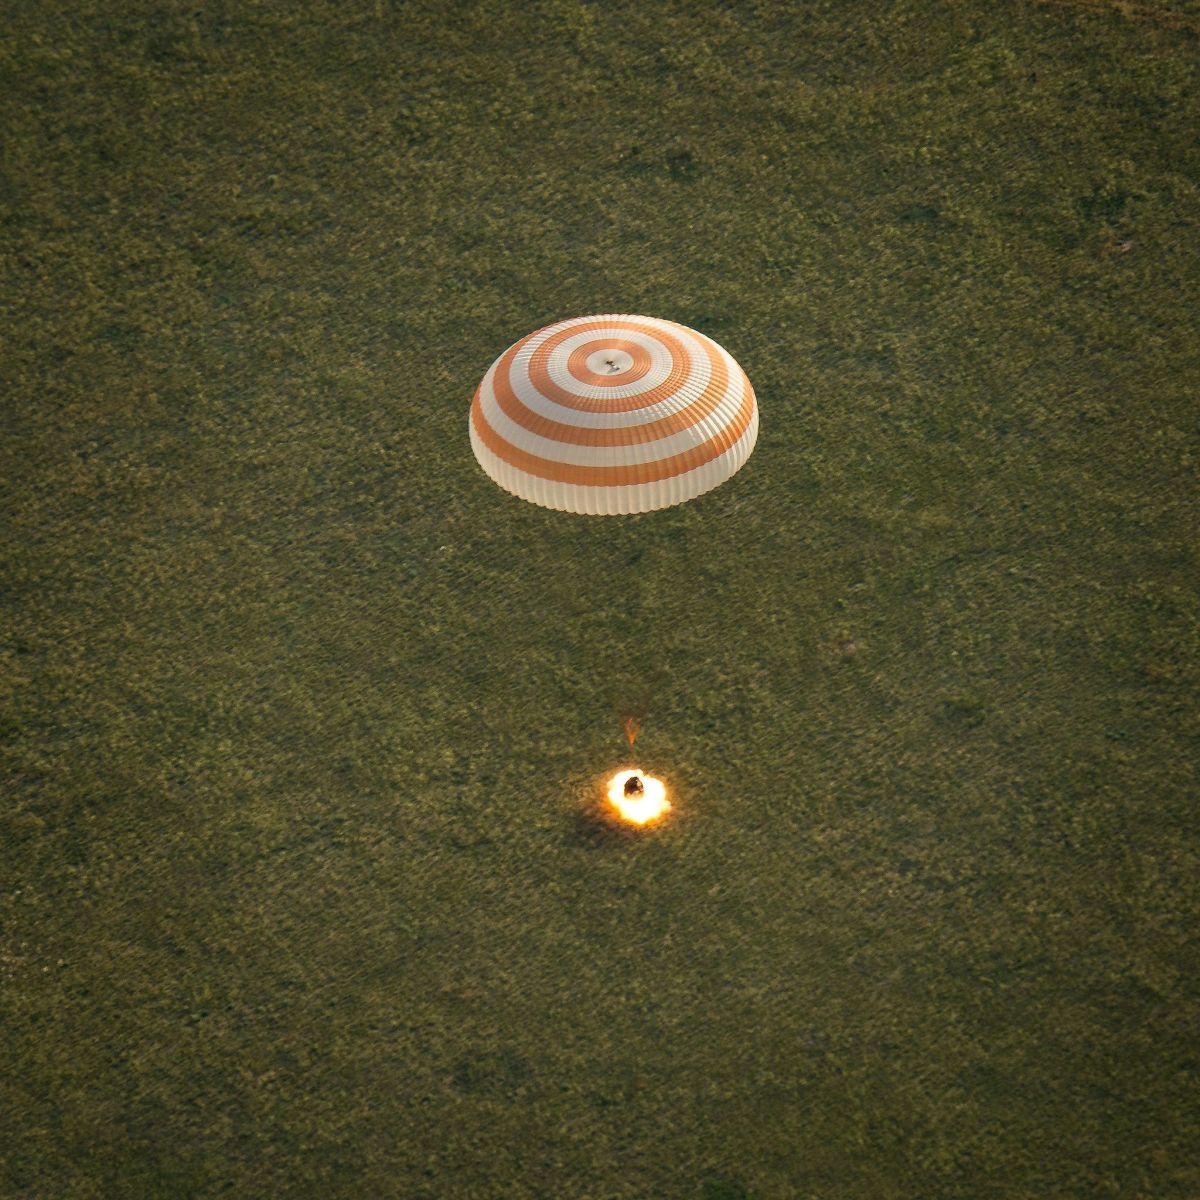 Environ une seconde et à 70cm au-dessus du sol, le Soyouz TMA-15M allume ses rétrofusées pour amortir le choc (Crédits : NASA/Bill Ingalls)